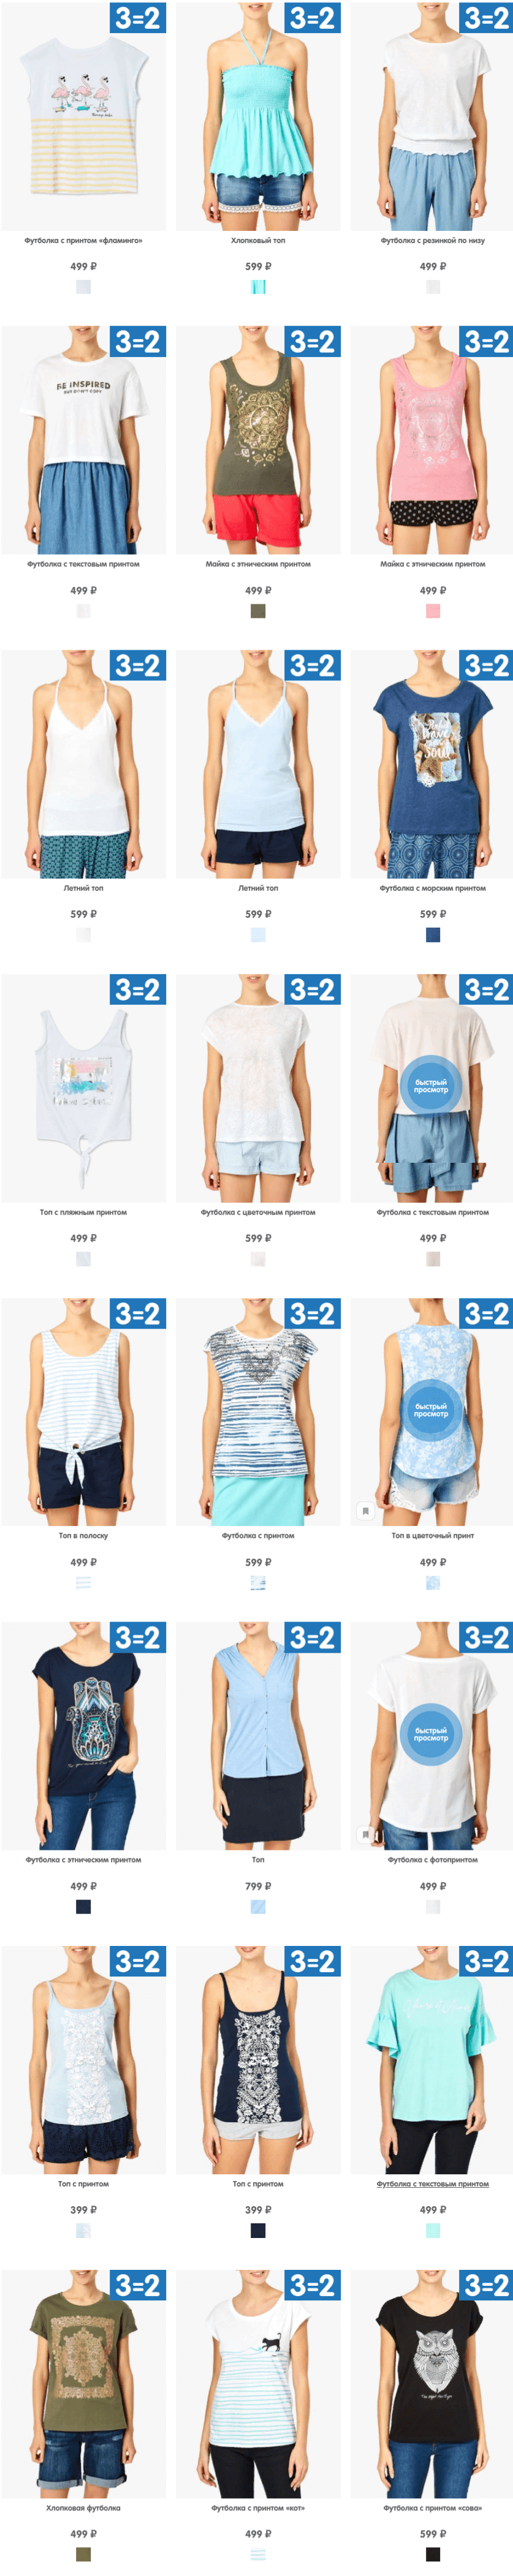 002 - Купить Женские футболки и топы в интернет магазине одежды Funday shop